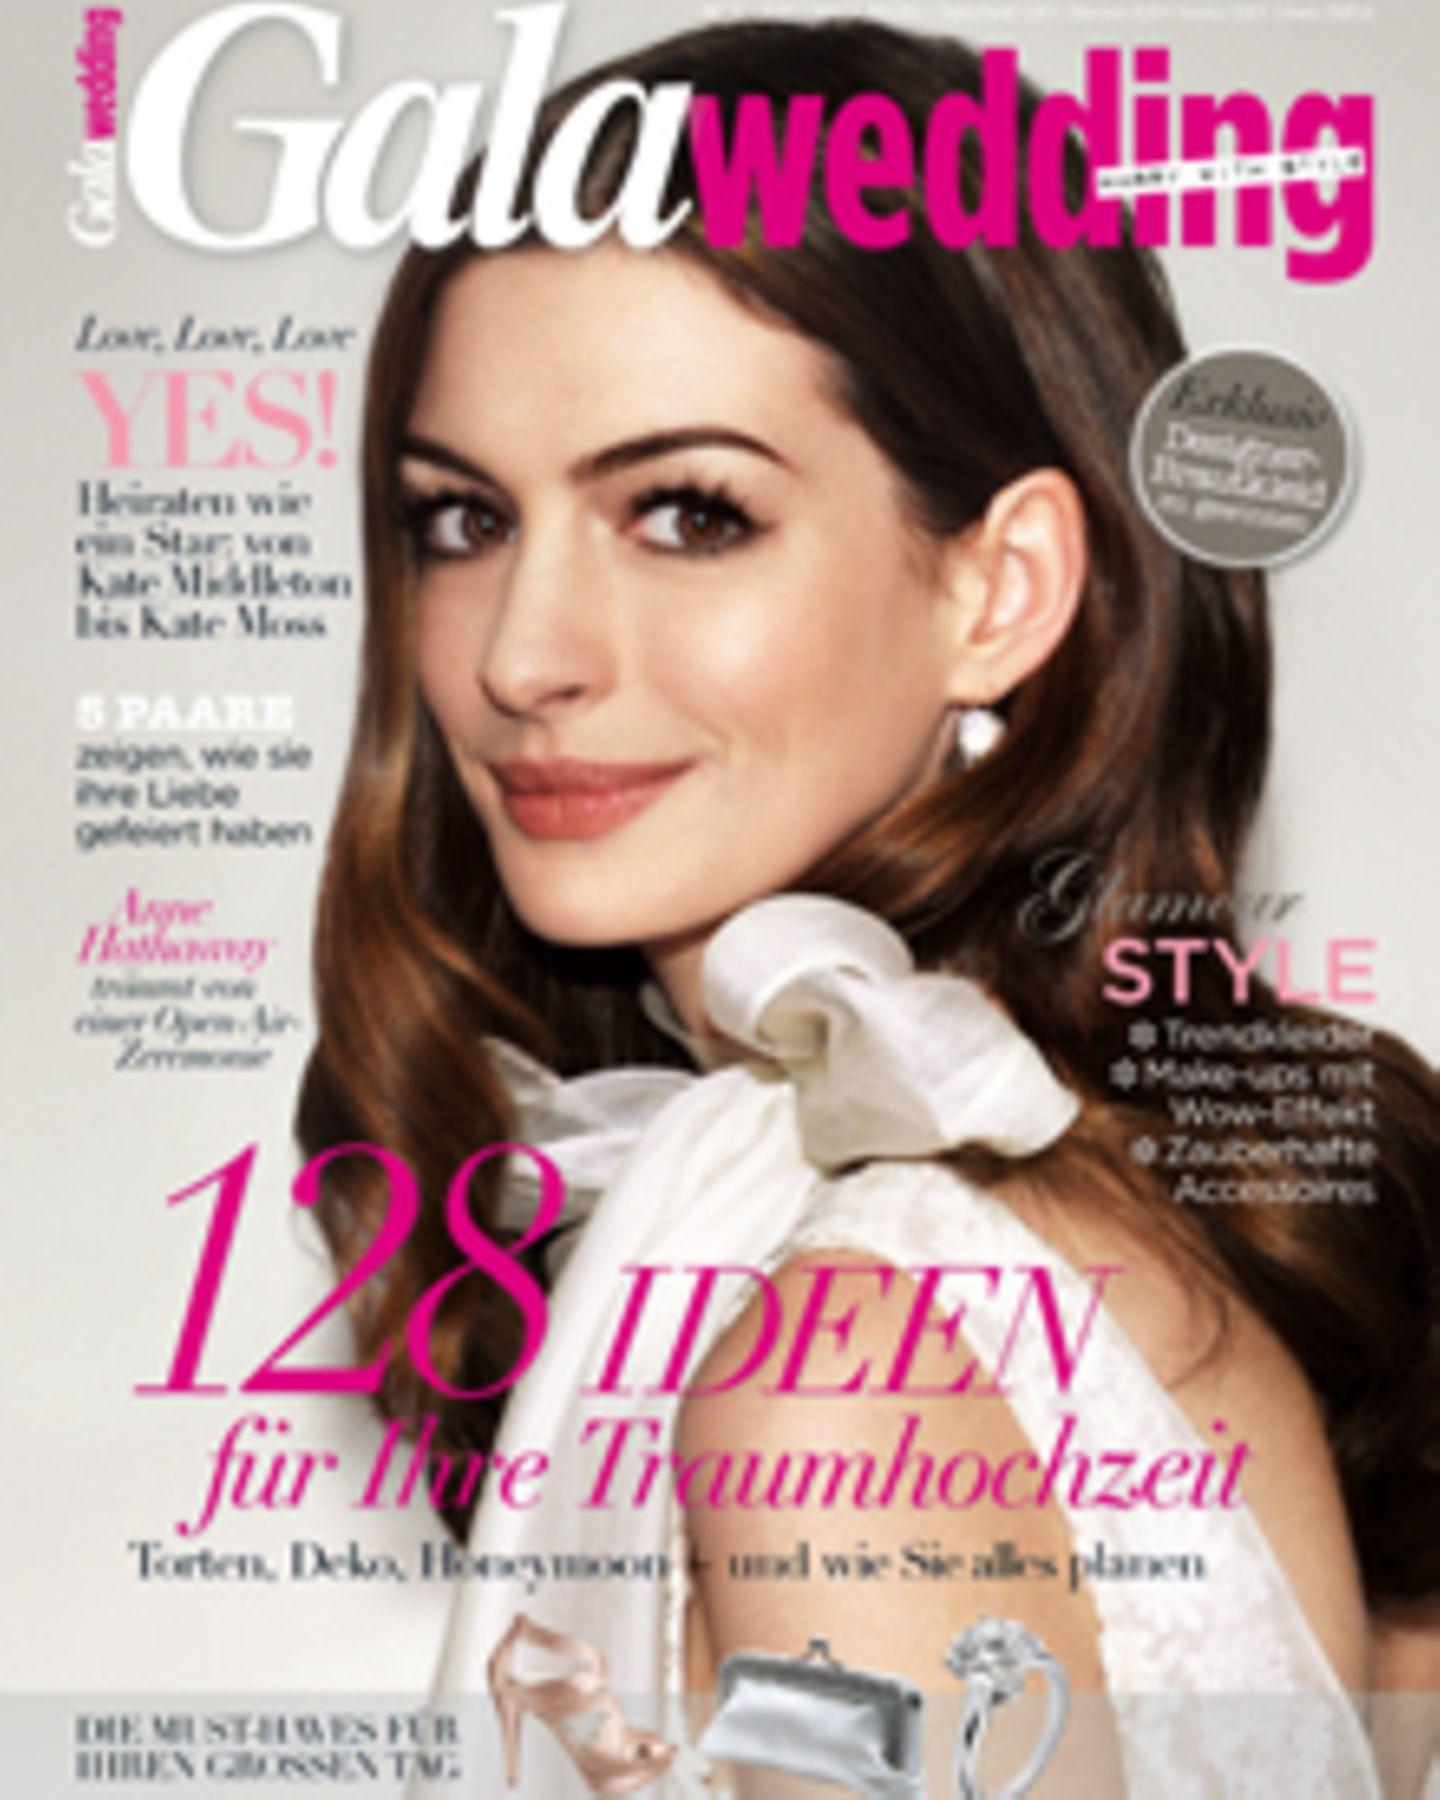 Anne Hathaway & more: GALAwedding zeigt auf 178 Seiten die Trends und Tipps für den schönsten Tag im Leben.